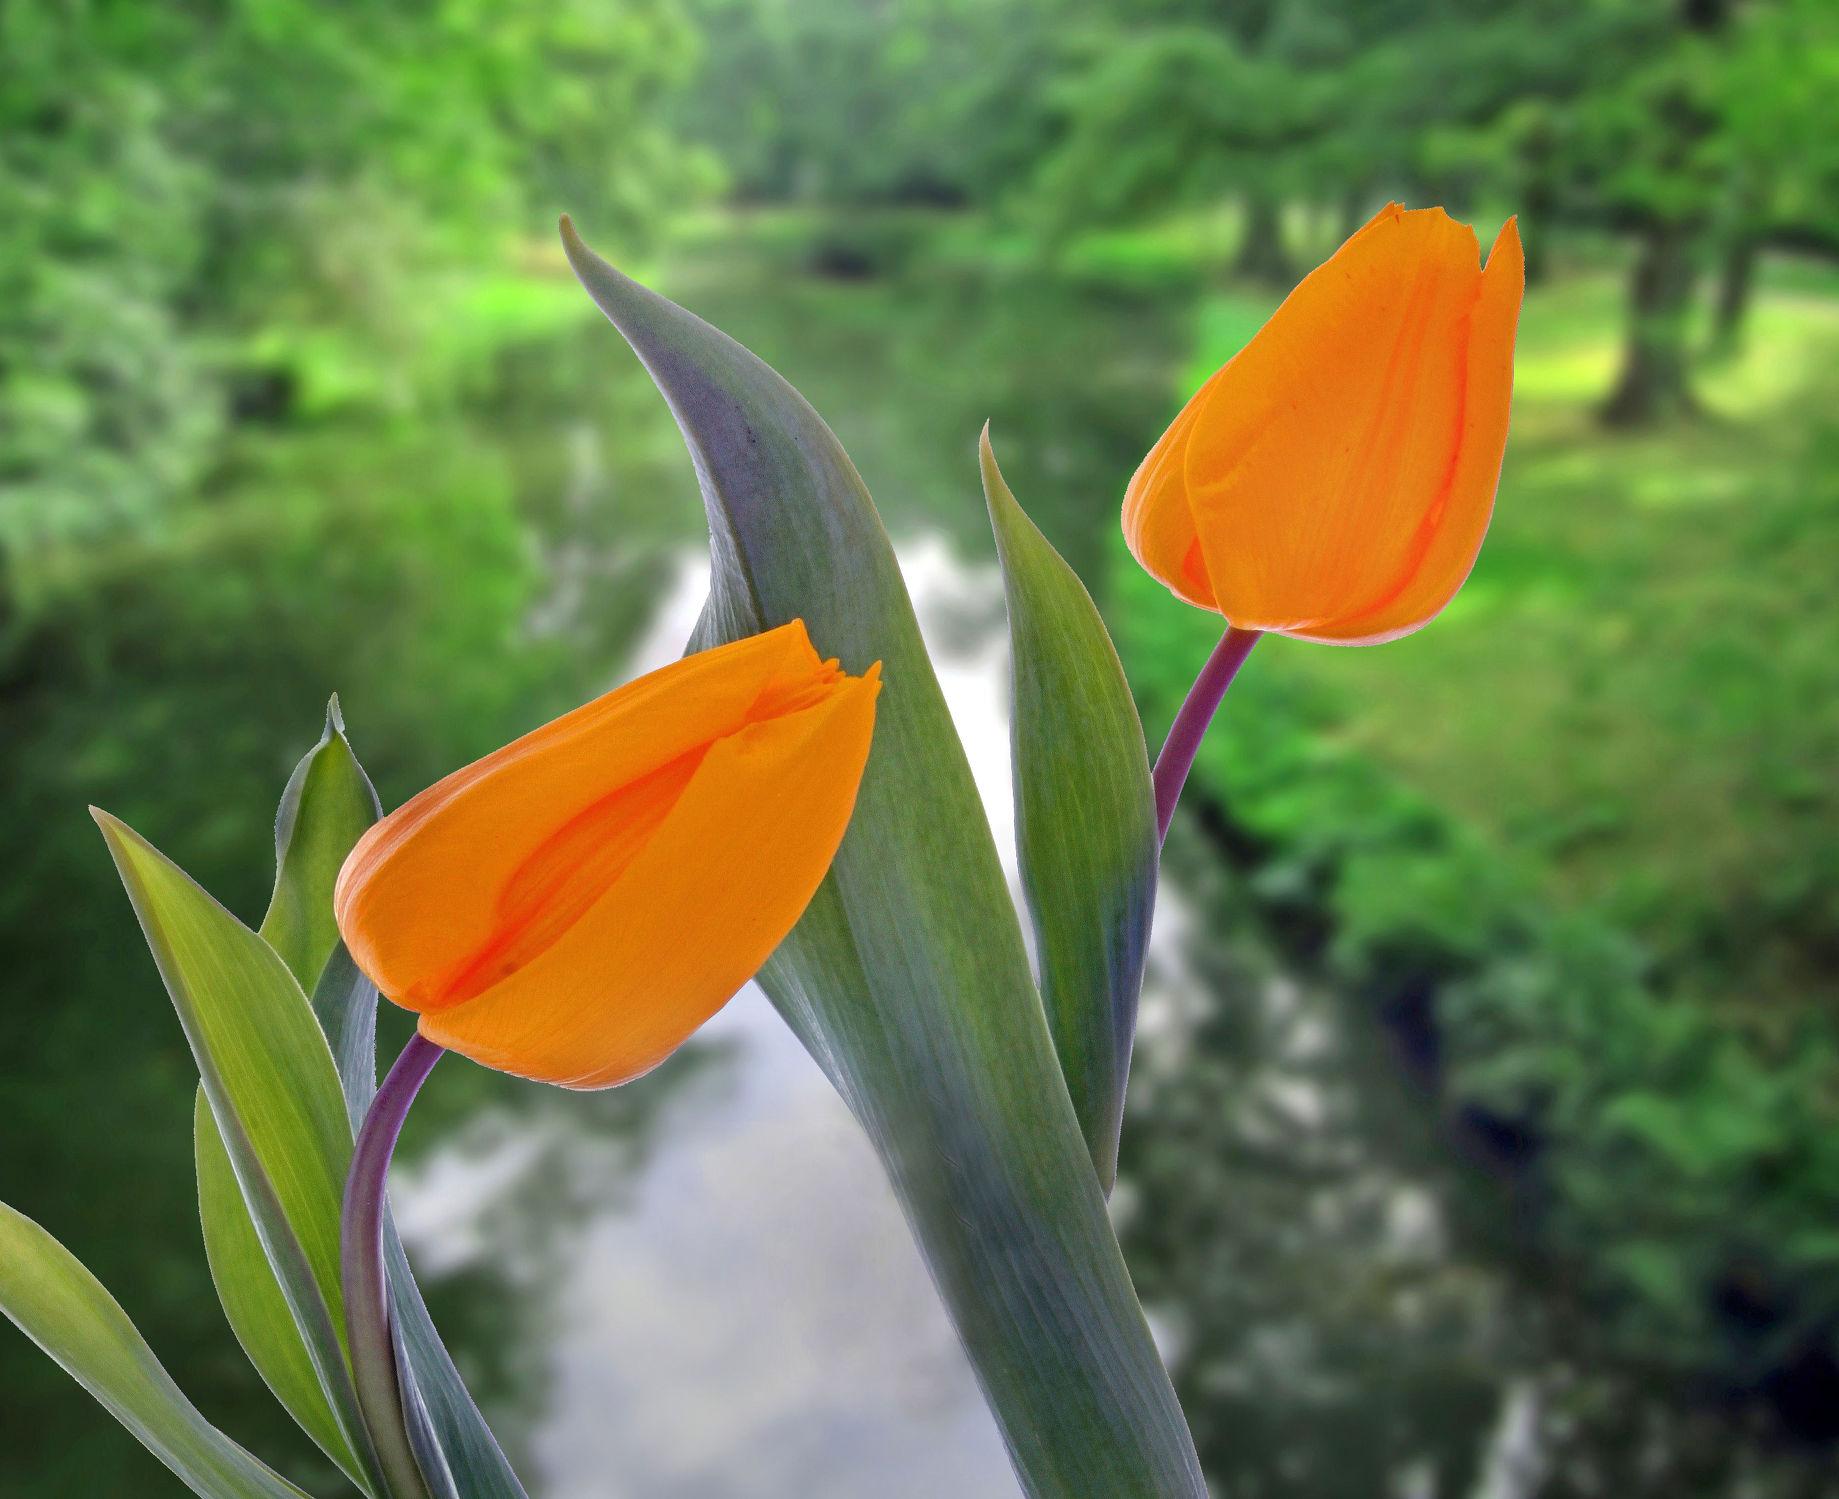 Bild mit Kunst, Wasser, Pflanzen, Bäume, Gewässer, Frühling, Baum, Pflanze, Tulpe, Tulpen, Bach, Park, Floral, Stilleben, Blüten, Florales, garten, blüte, Fluss, Ufer, Wasserspiegelung